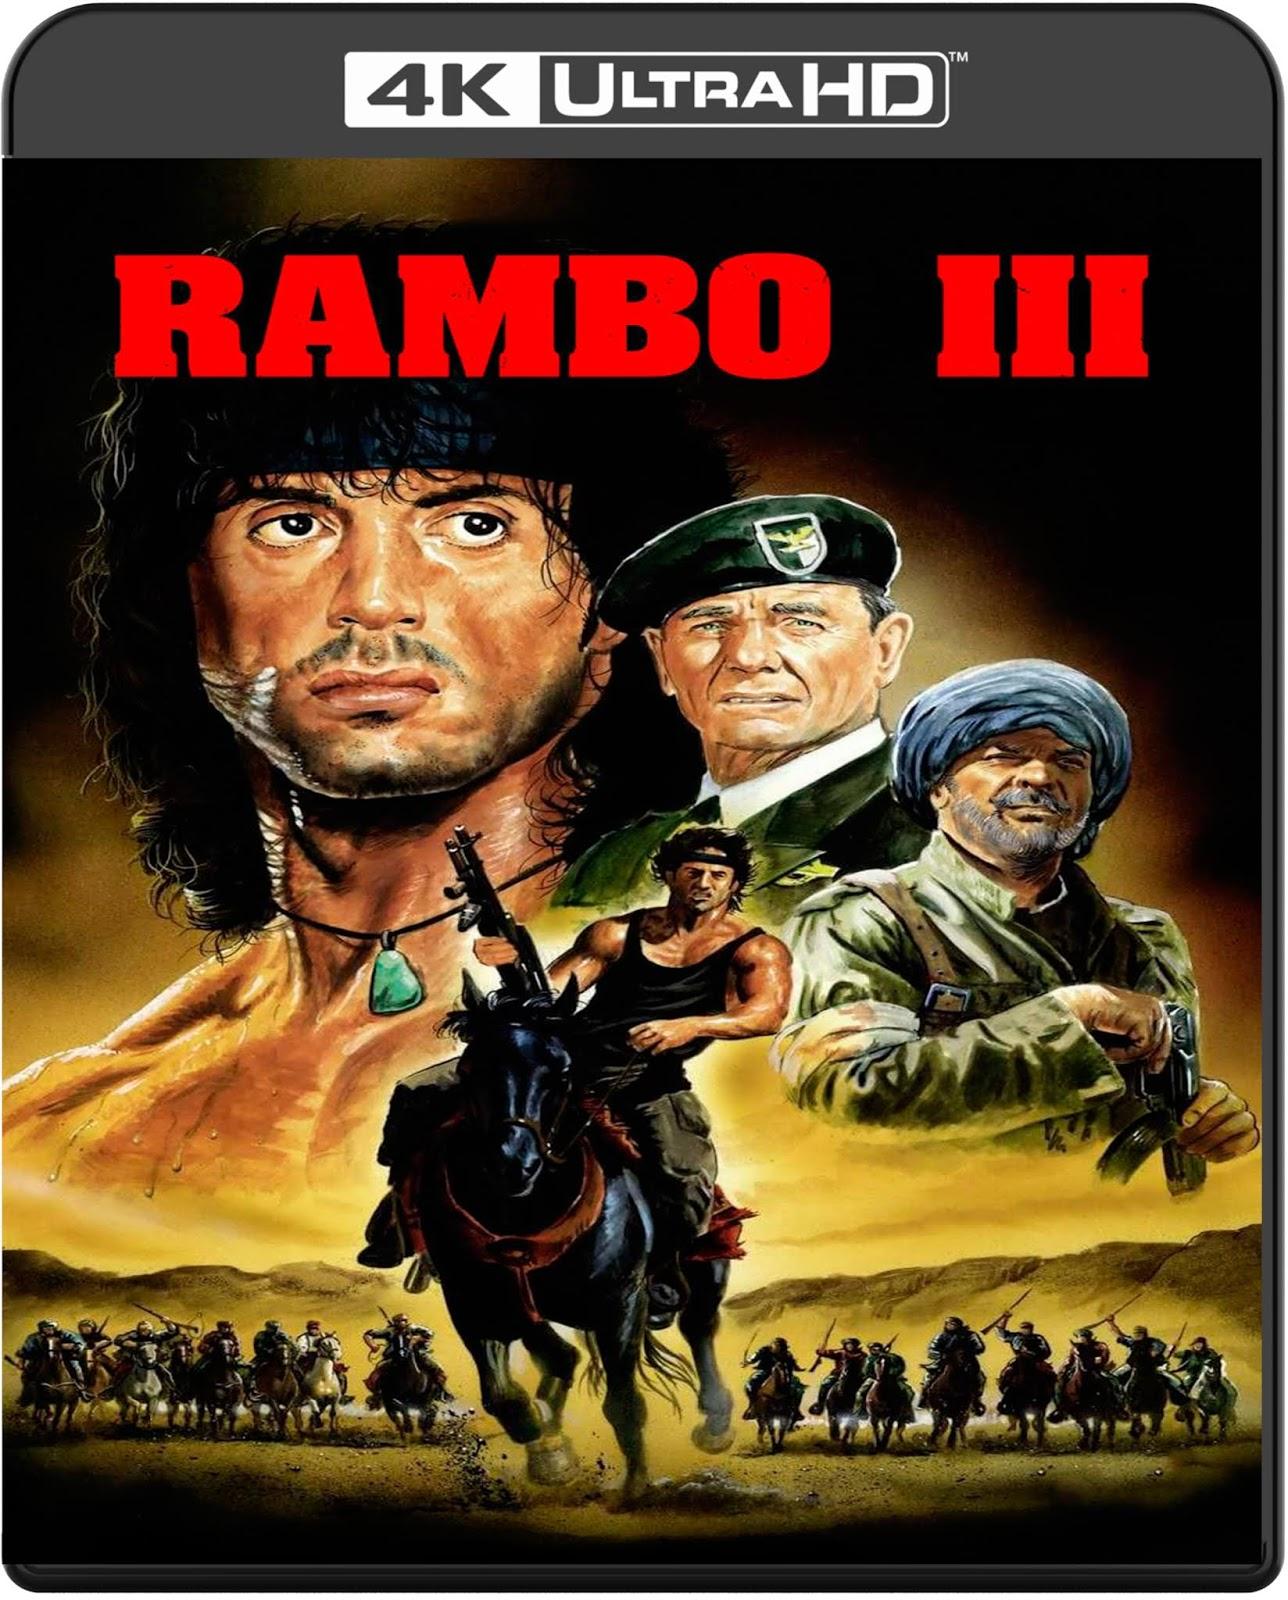 Rambo III [1988] [UHD] [2160p] [Latino]